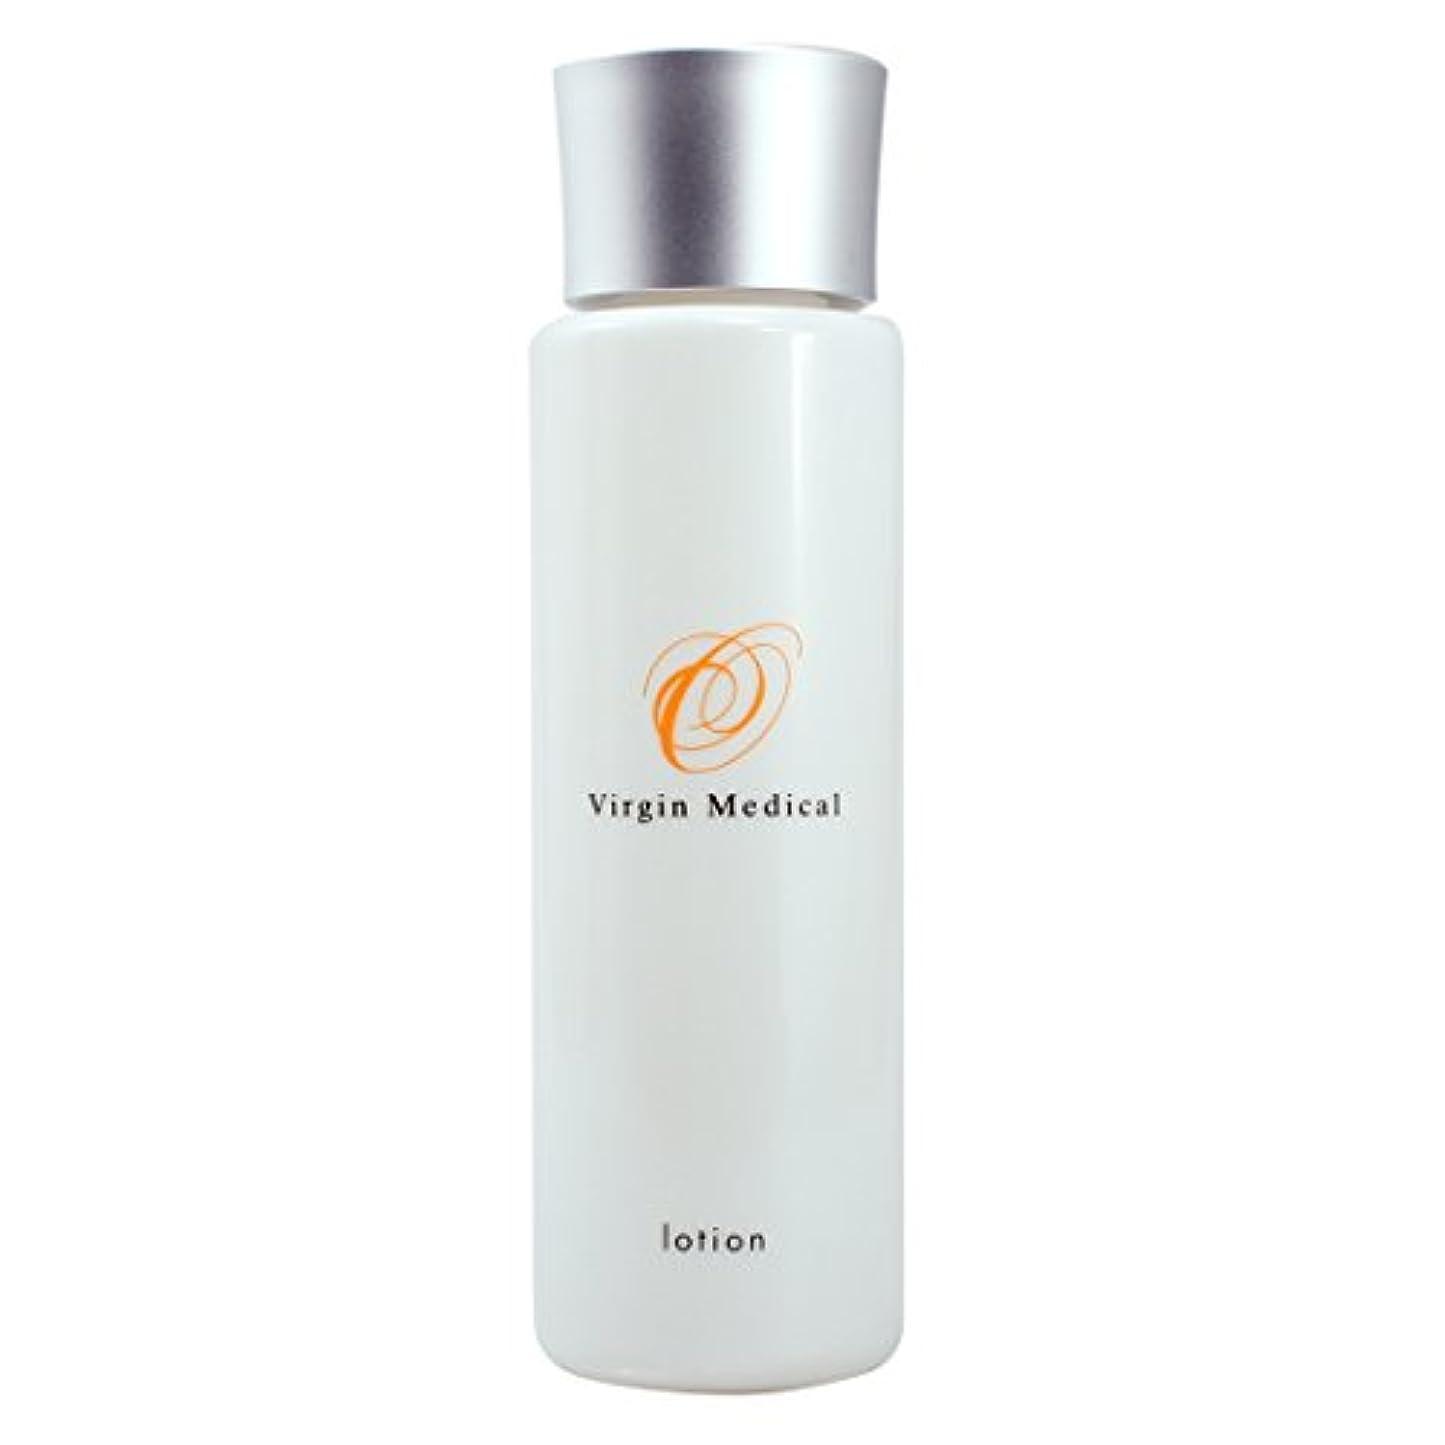 ラフレシアアルノルディ投獄調和のとれたヴァージンメディカル オゾン 浸透化粧水 セラミド配合 120ml バリアサプリメント バリア補強